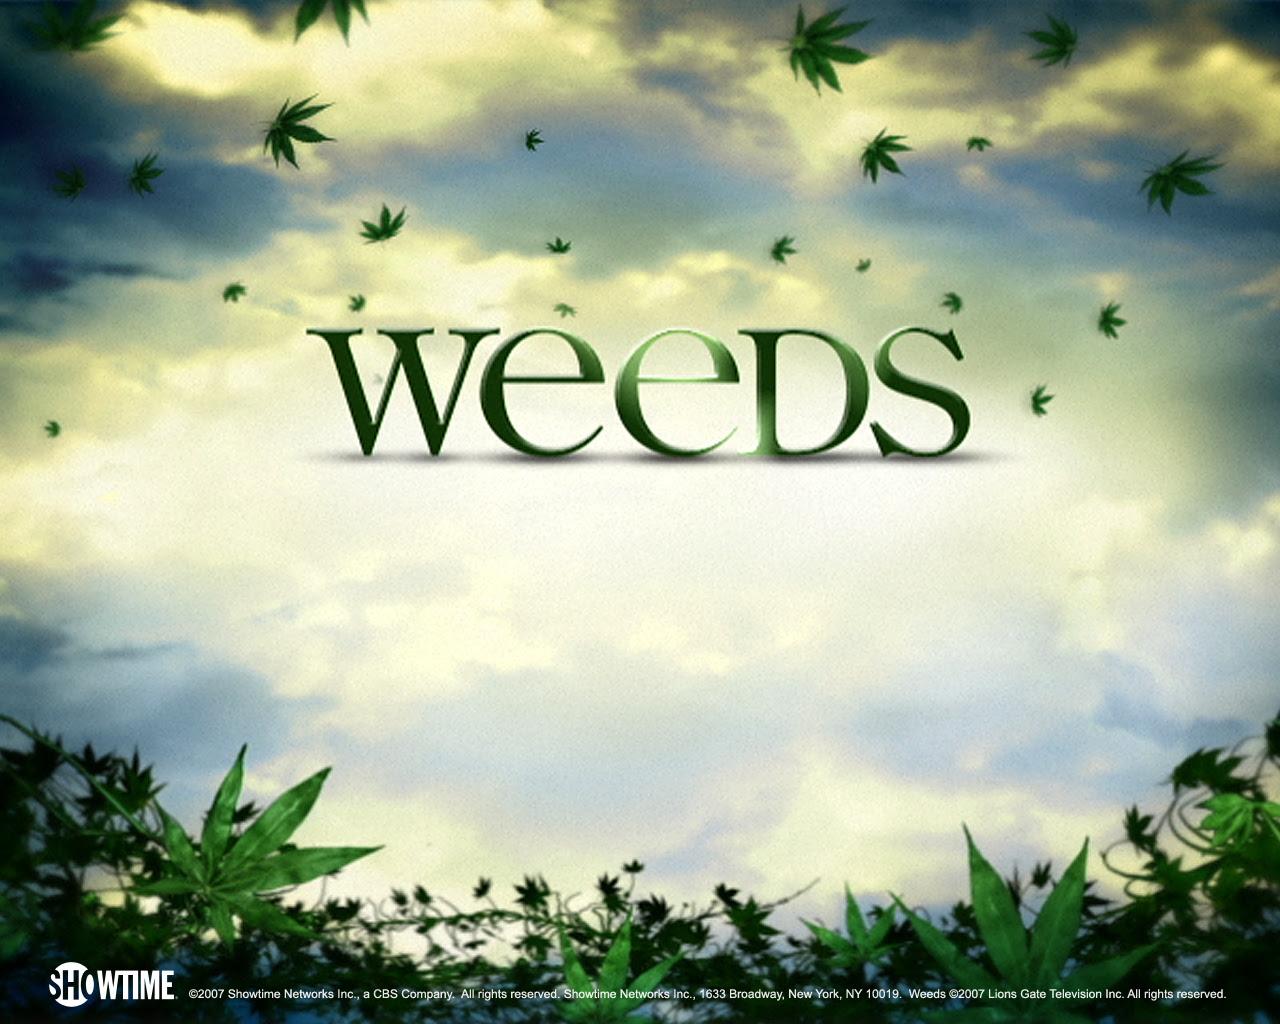 weeds - weeds Wallpaper